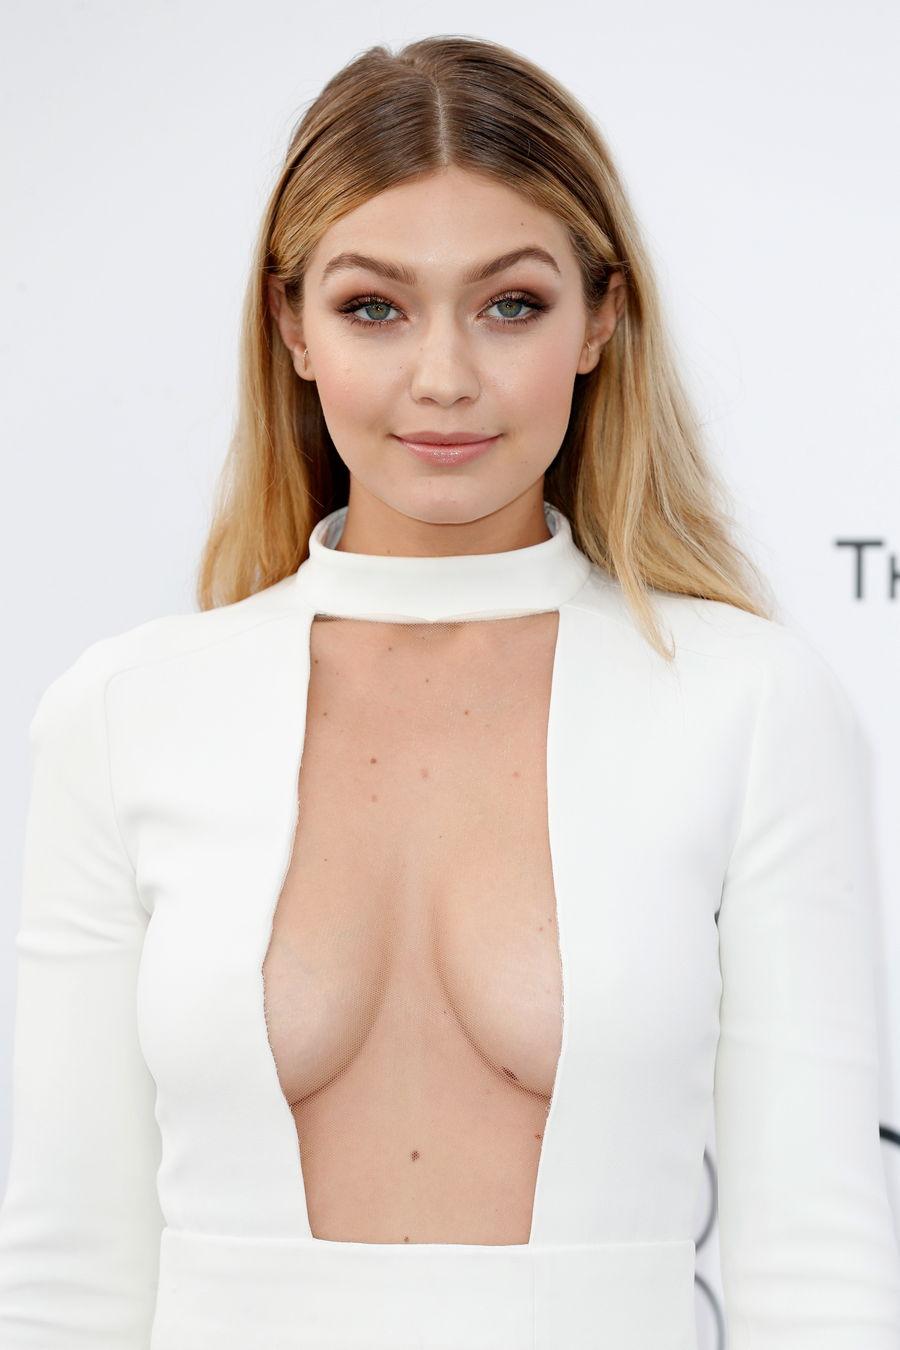 Gigi Hadid derin göğüs dekolteli seksi beyaz elbisesi ile dikkat çekti.